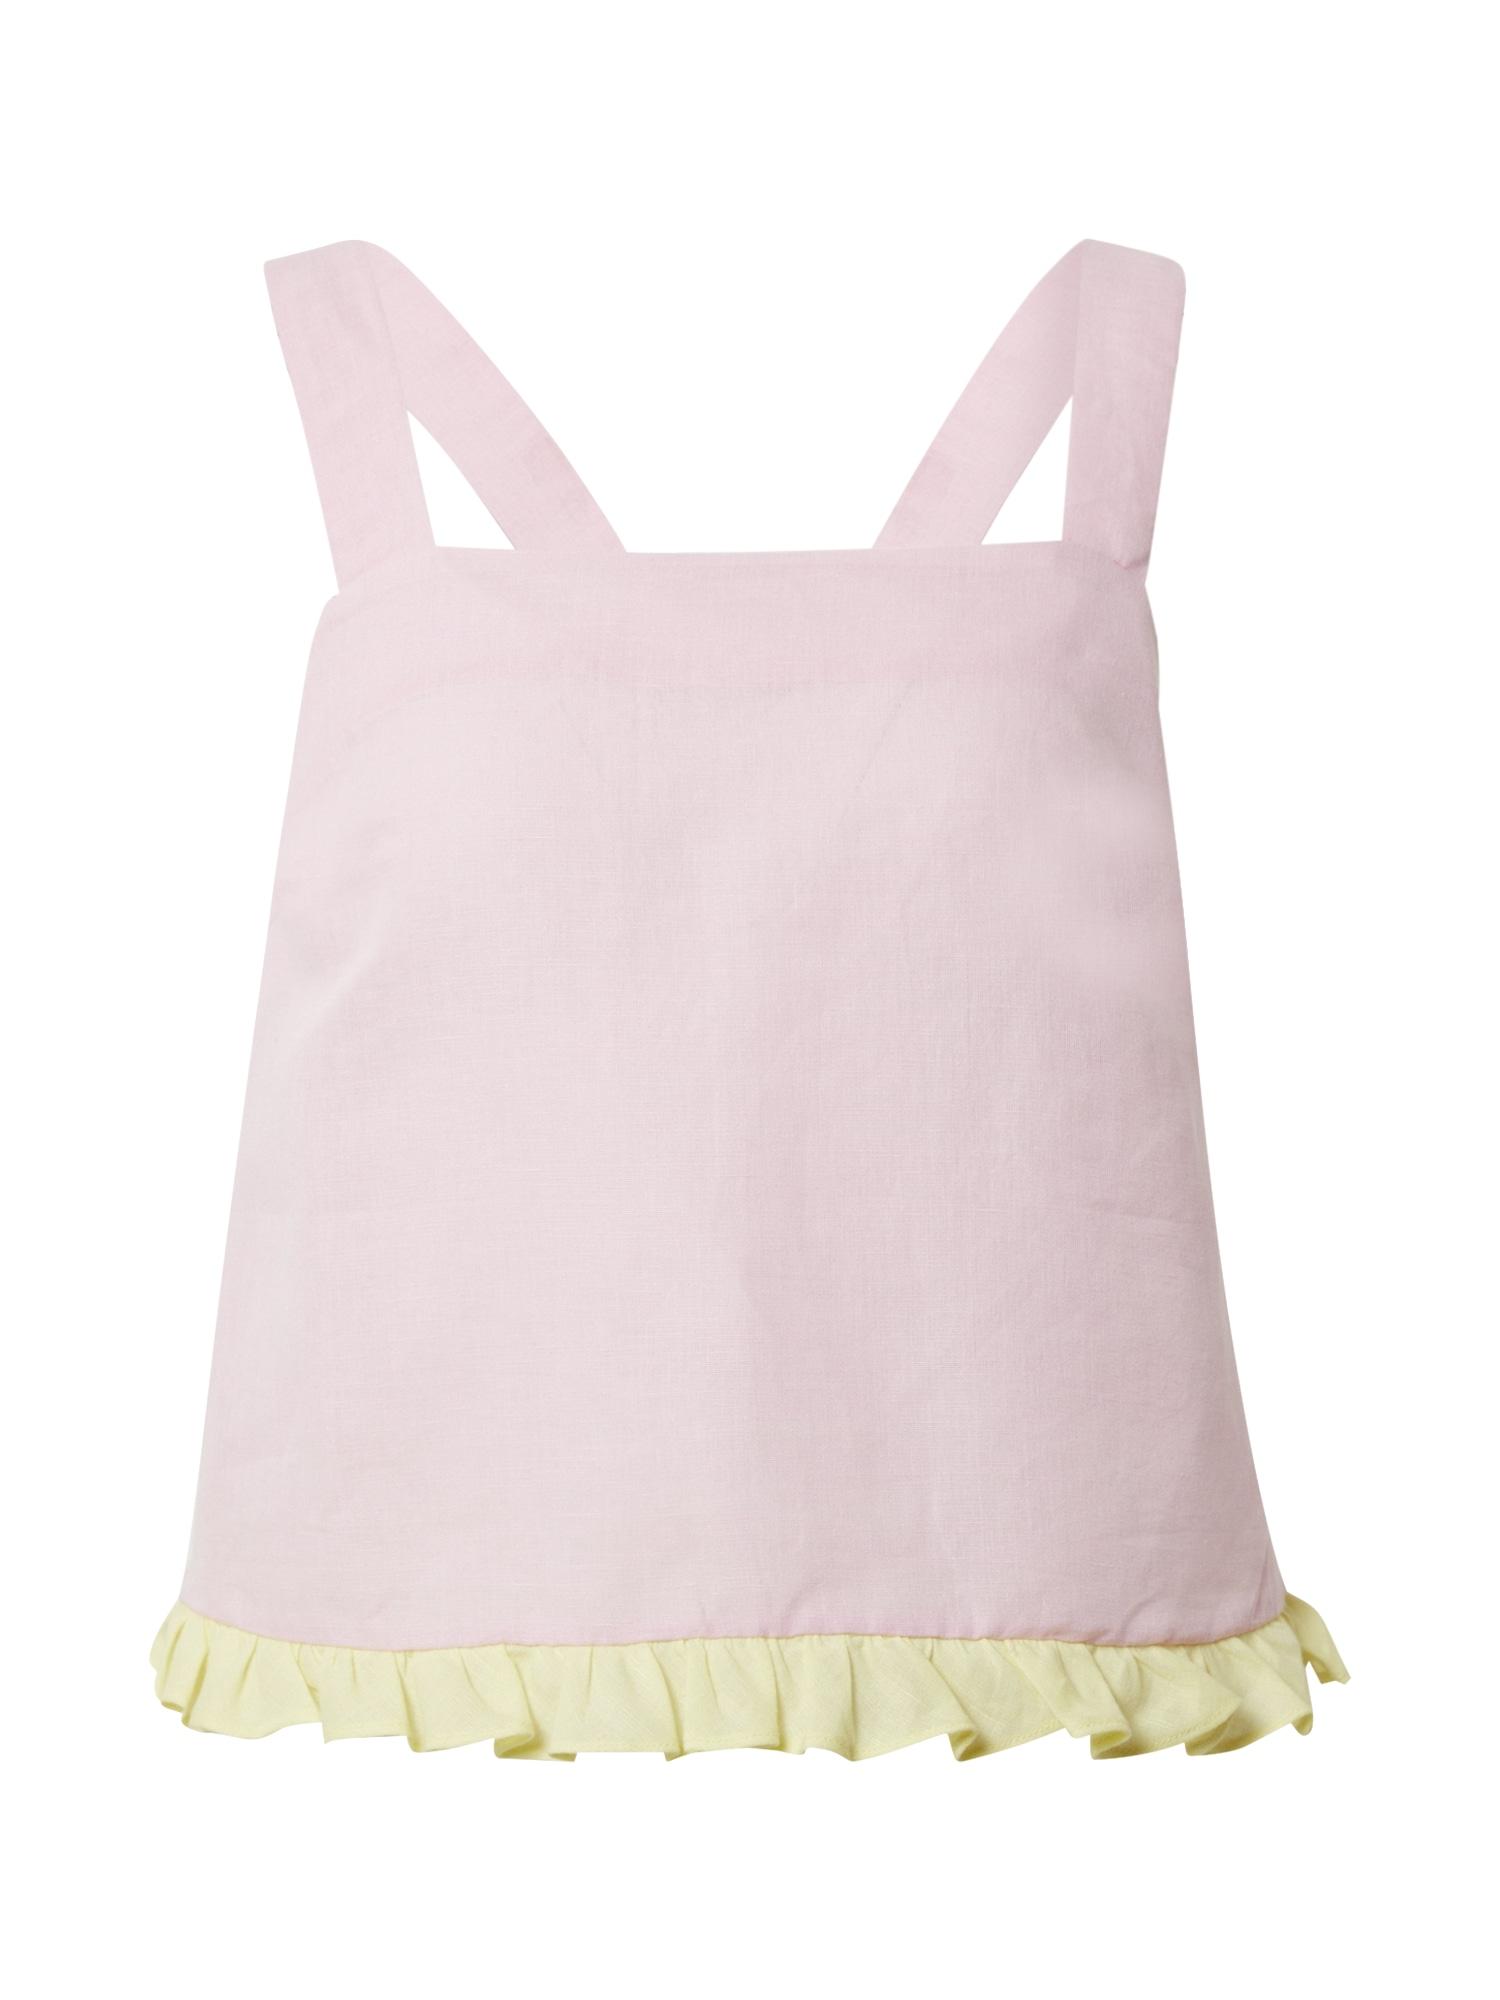 Dora Larsen Pižaminiai marškinėliai